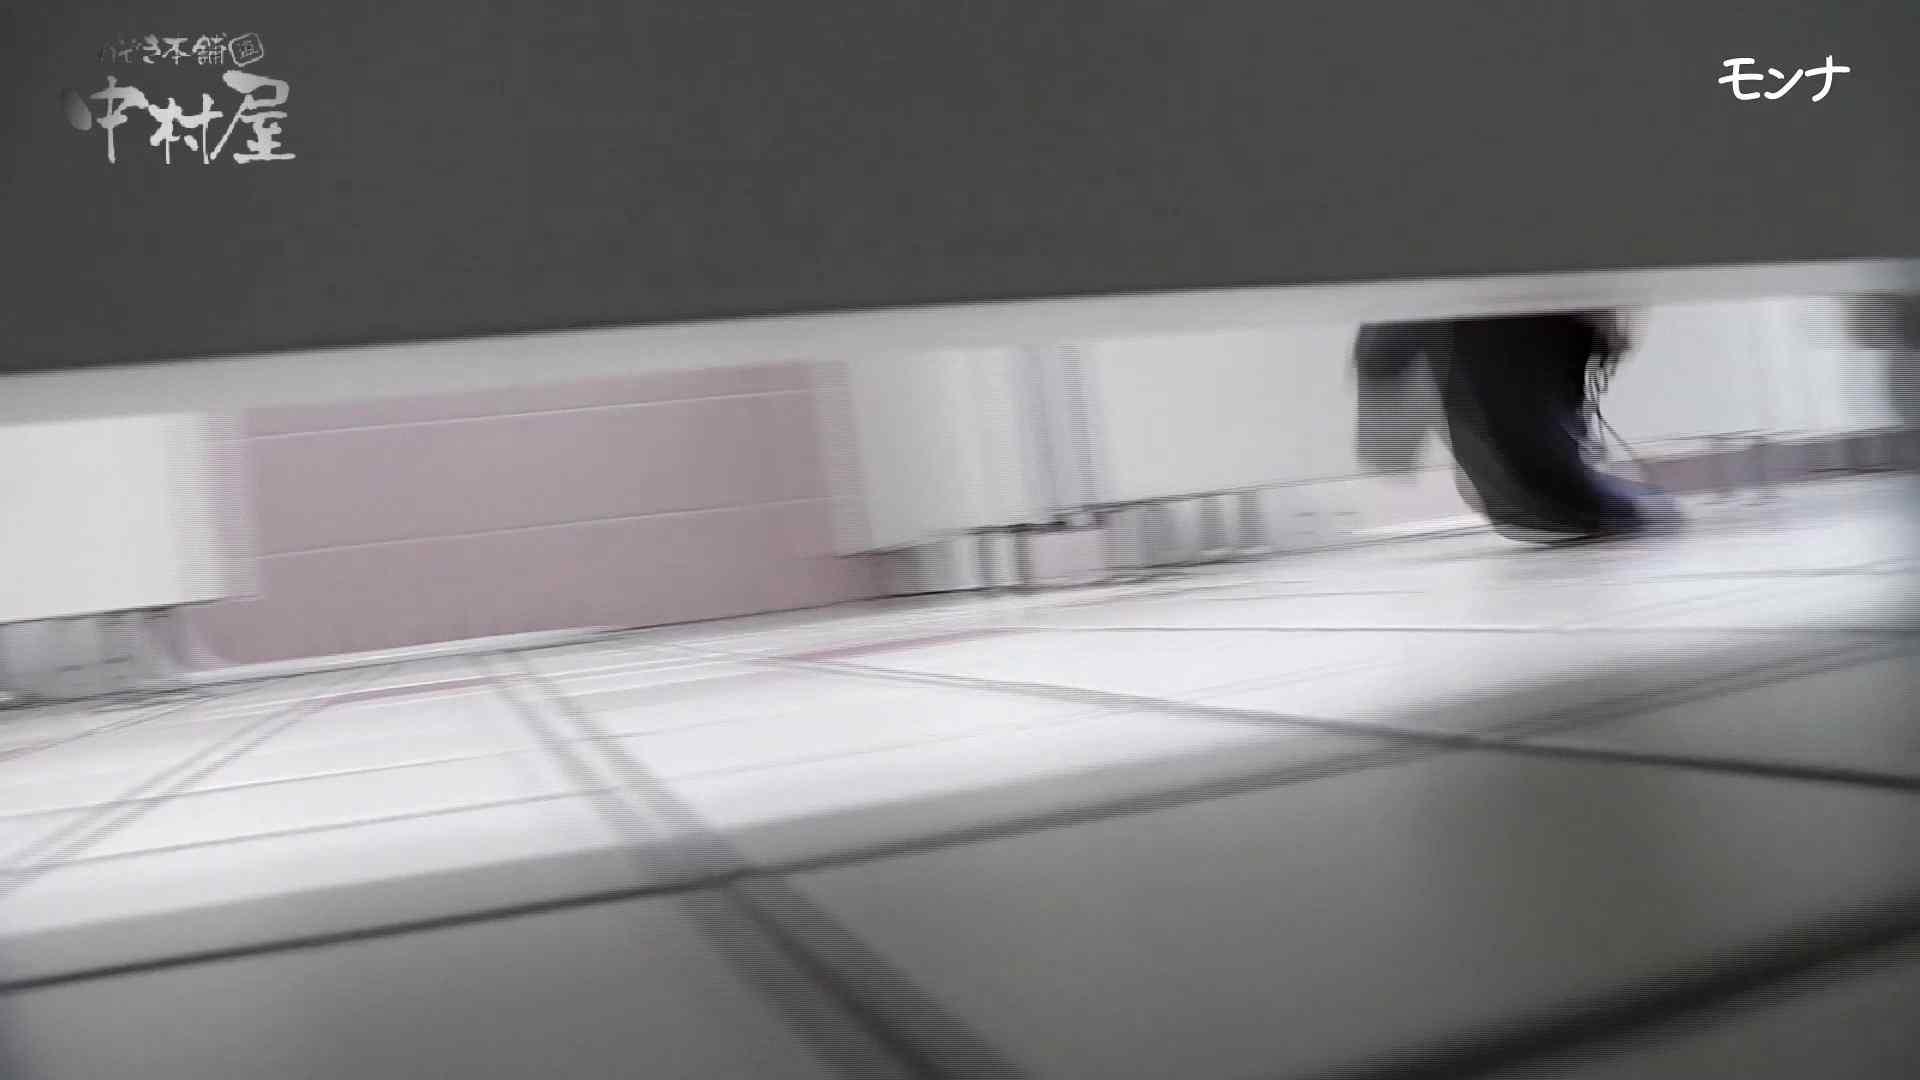 美しい日本の未来 No.47 冬Ver.進化 細い指でほじくりまくる!前編 女性トイレ   女子の厠  79pic 37